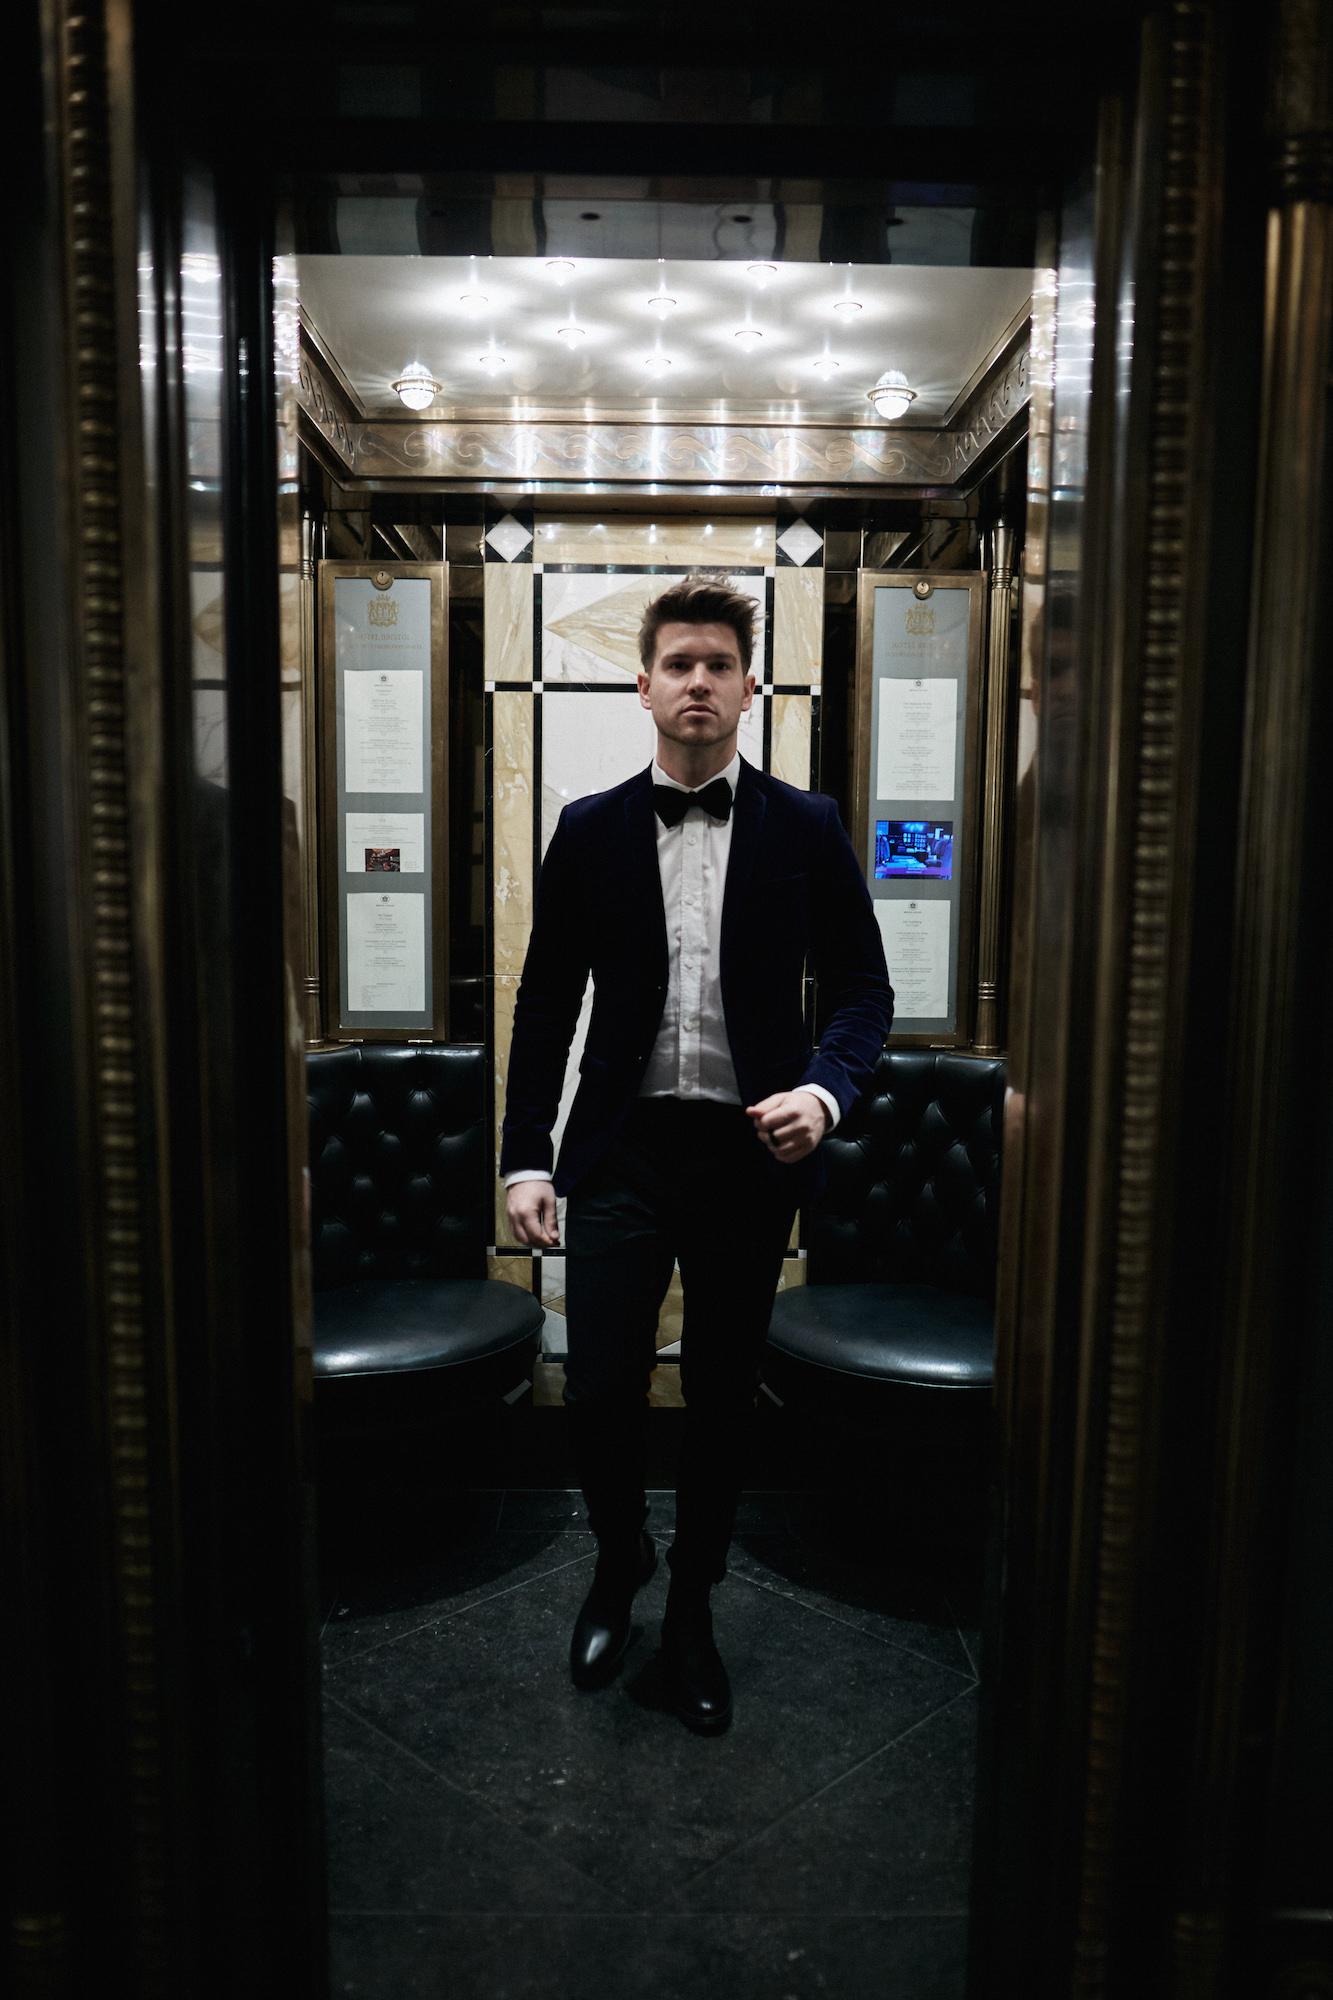 Elegantes Silvesteroutfit für Männer_Tiger of Sweden Samt Blazer_Meanwhile in Awesometown_Modeblogger_Mens Fashion und Lifestyleblogger_Wiener Blogger_Maleblogger20